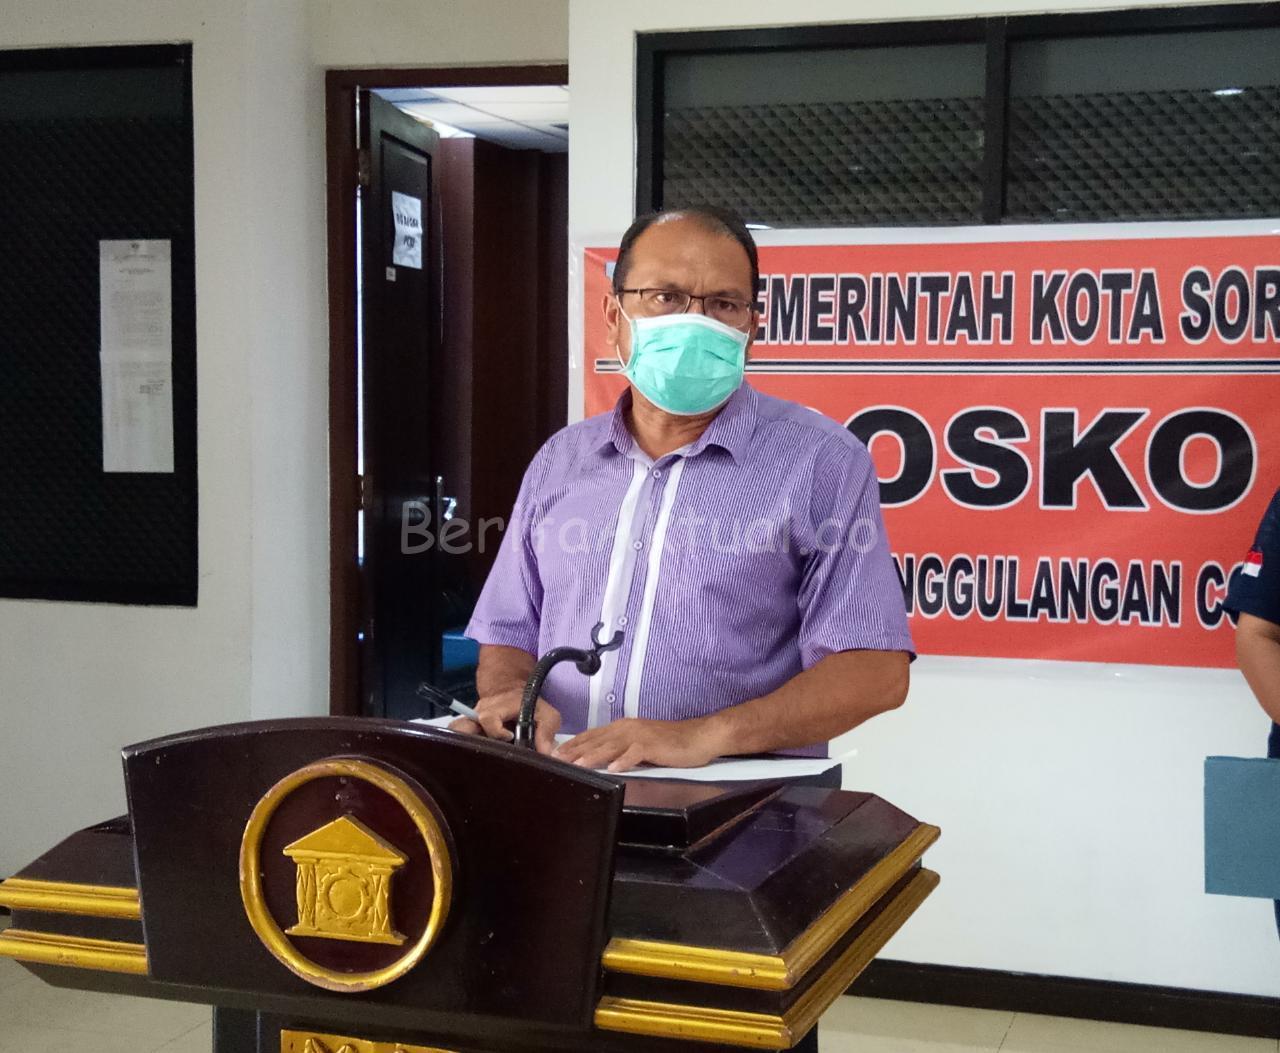 Orang Tanpa Gejala Corona Hampir Tersebar di Semua Distrik Kota Sorong 10 IMG 20200404 WA0041 1